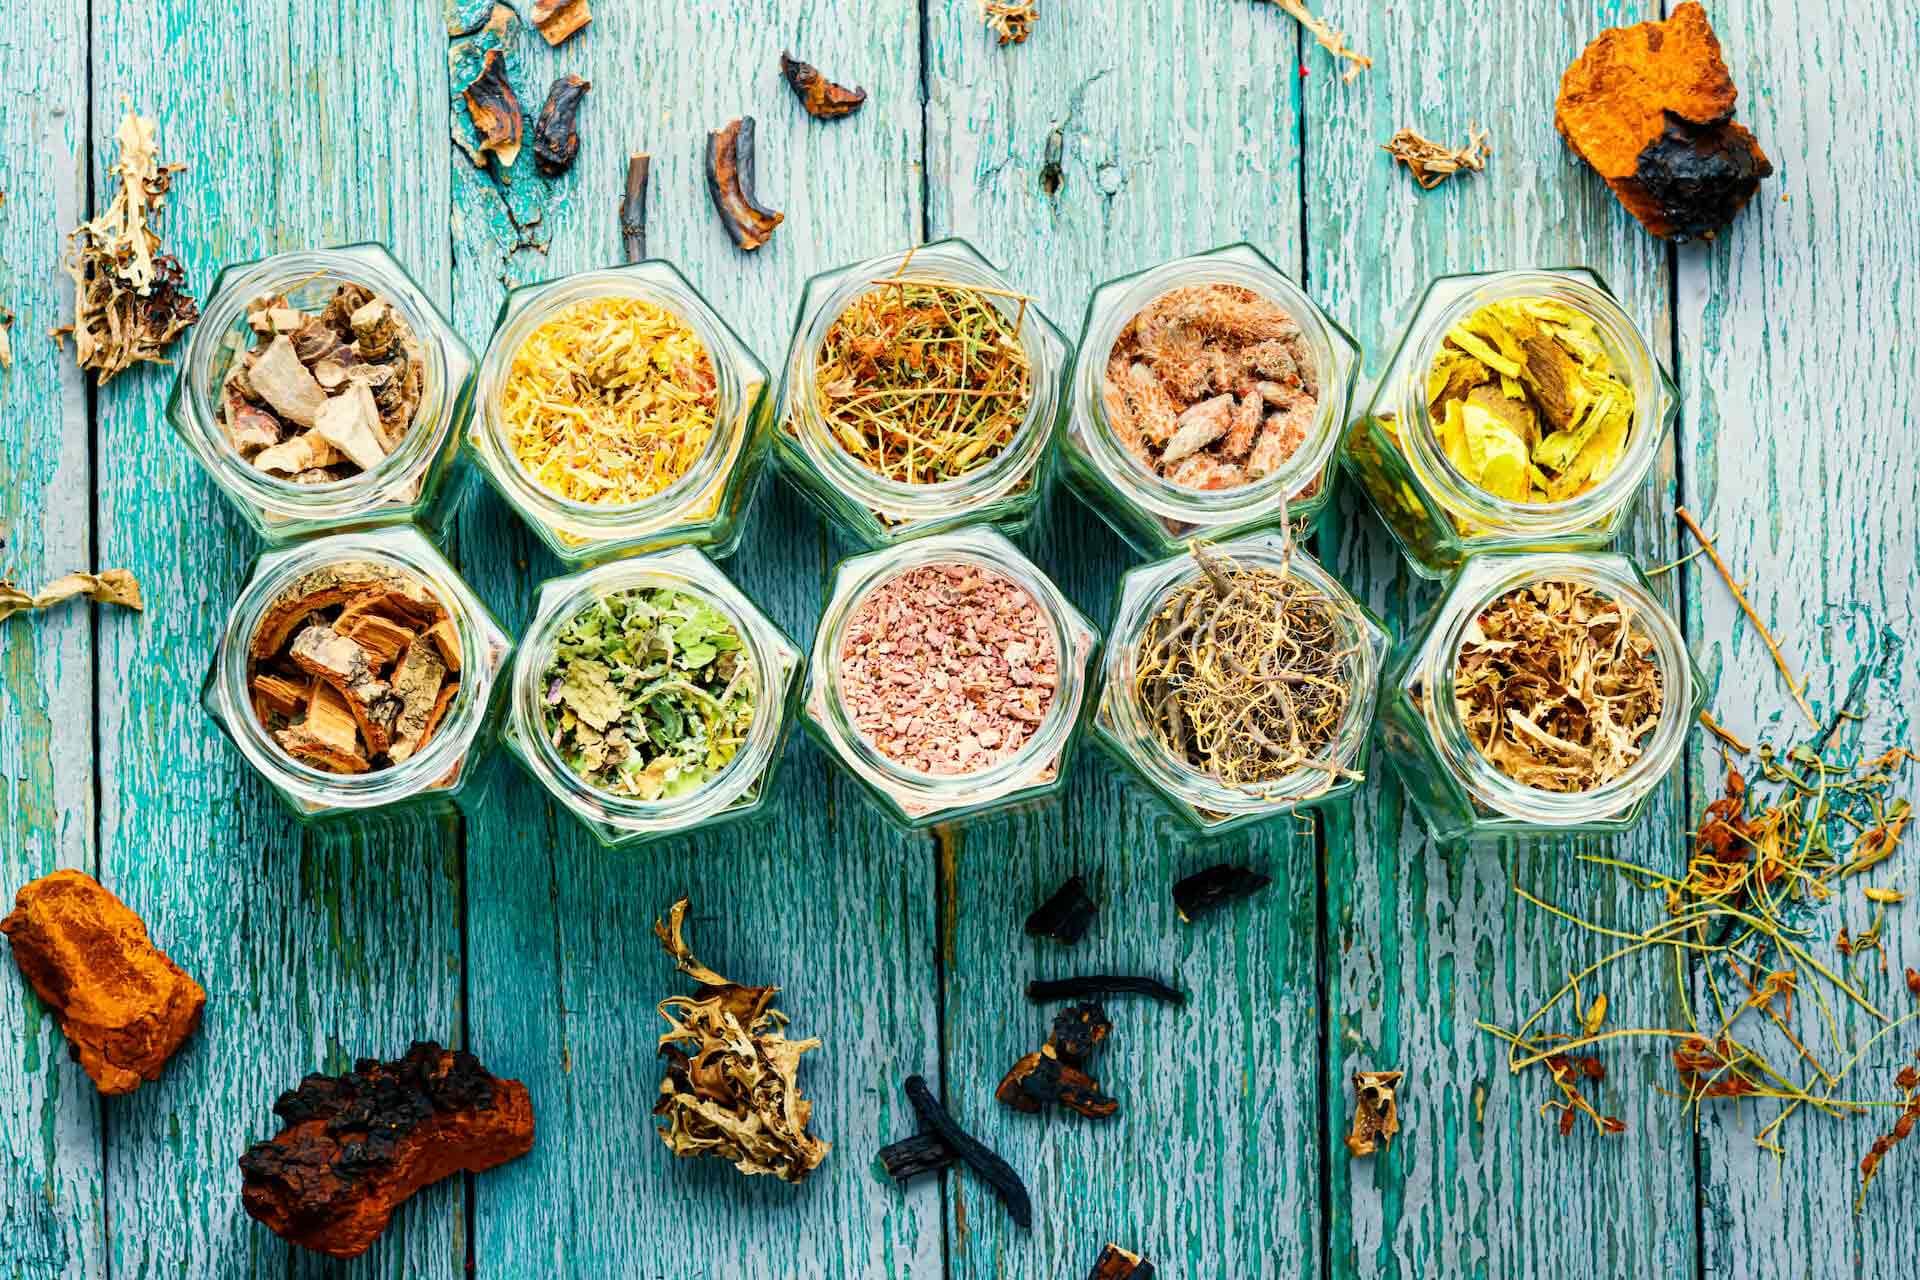 Fitosalus centar - fitoterapija - prirodno liječenje - aromaterapija - biljke